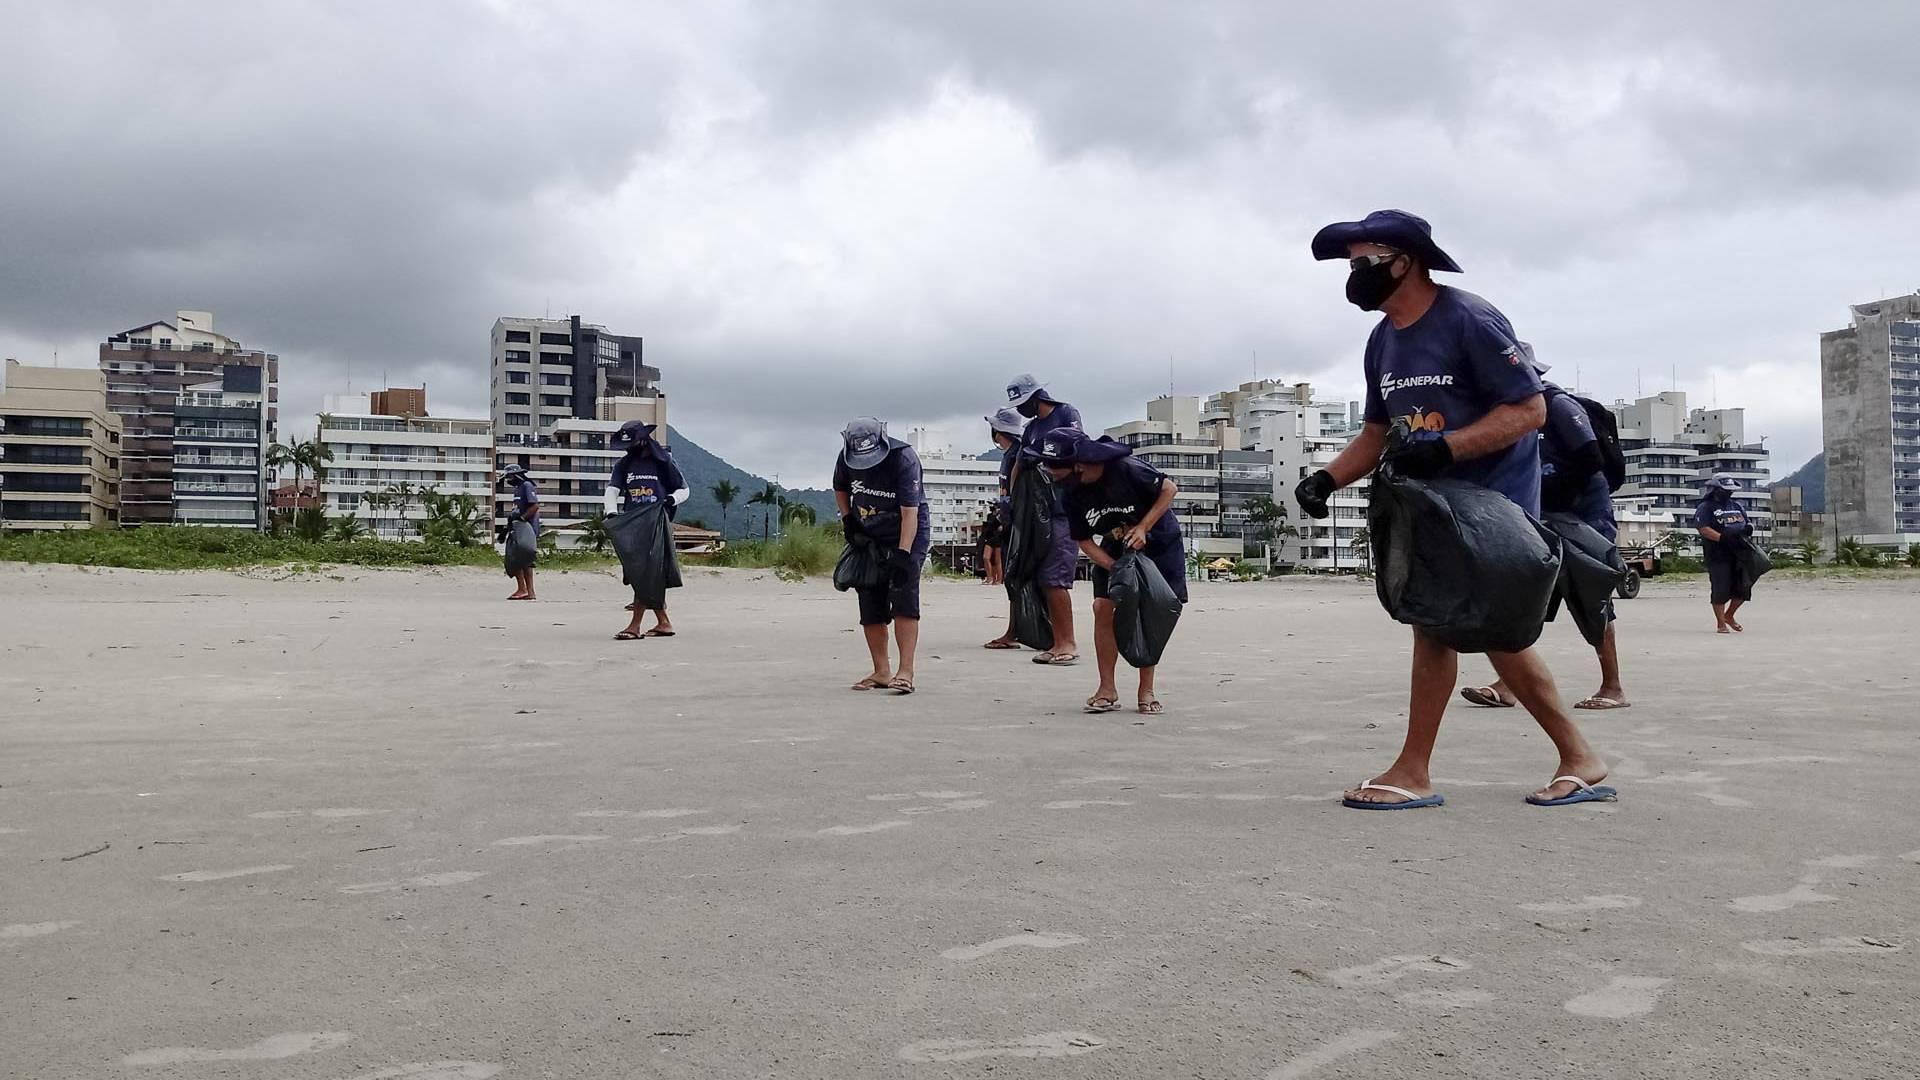 Meio Ambiente: Cigarro jogado nas praias é um dos maiores poluidores